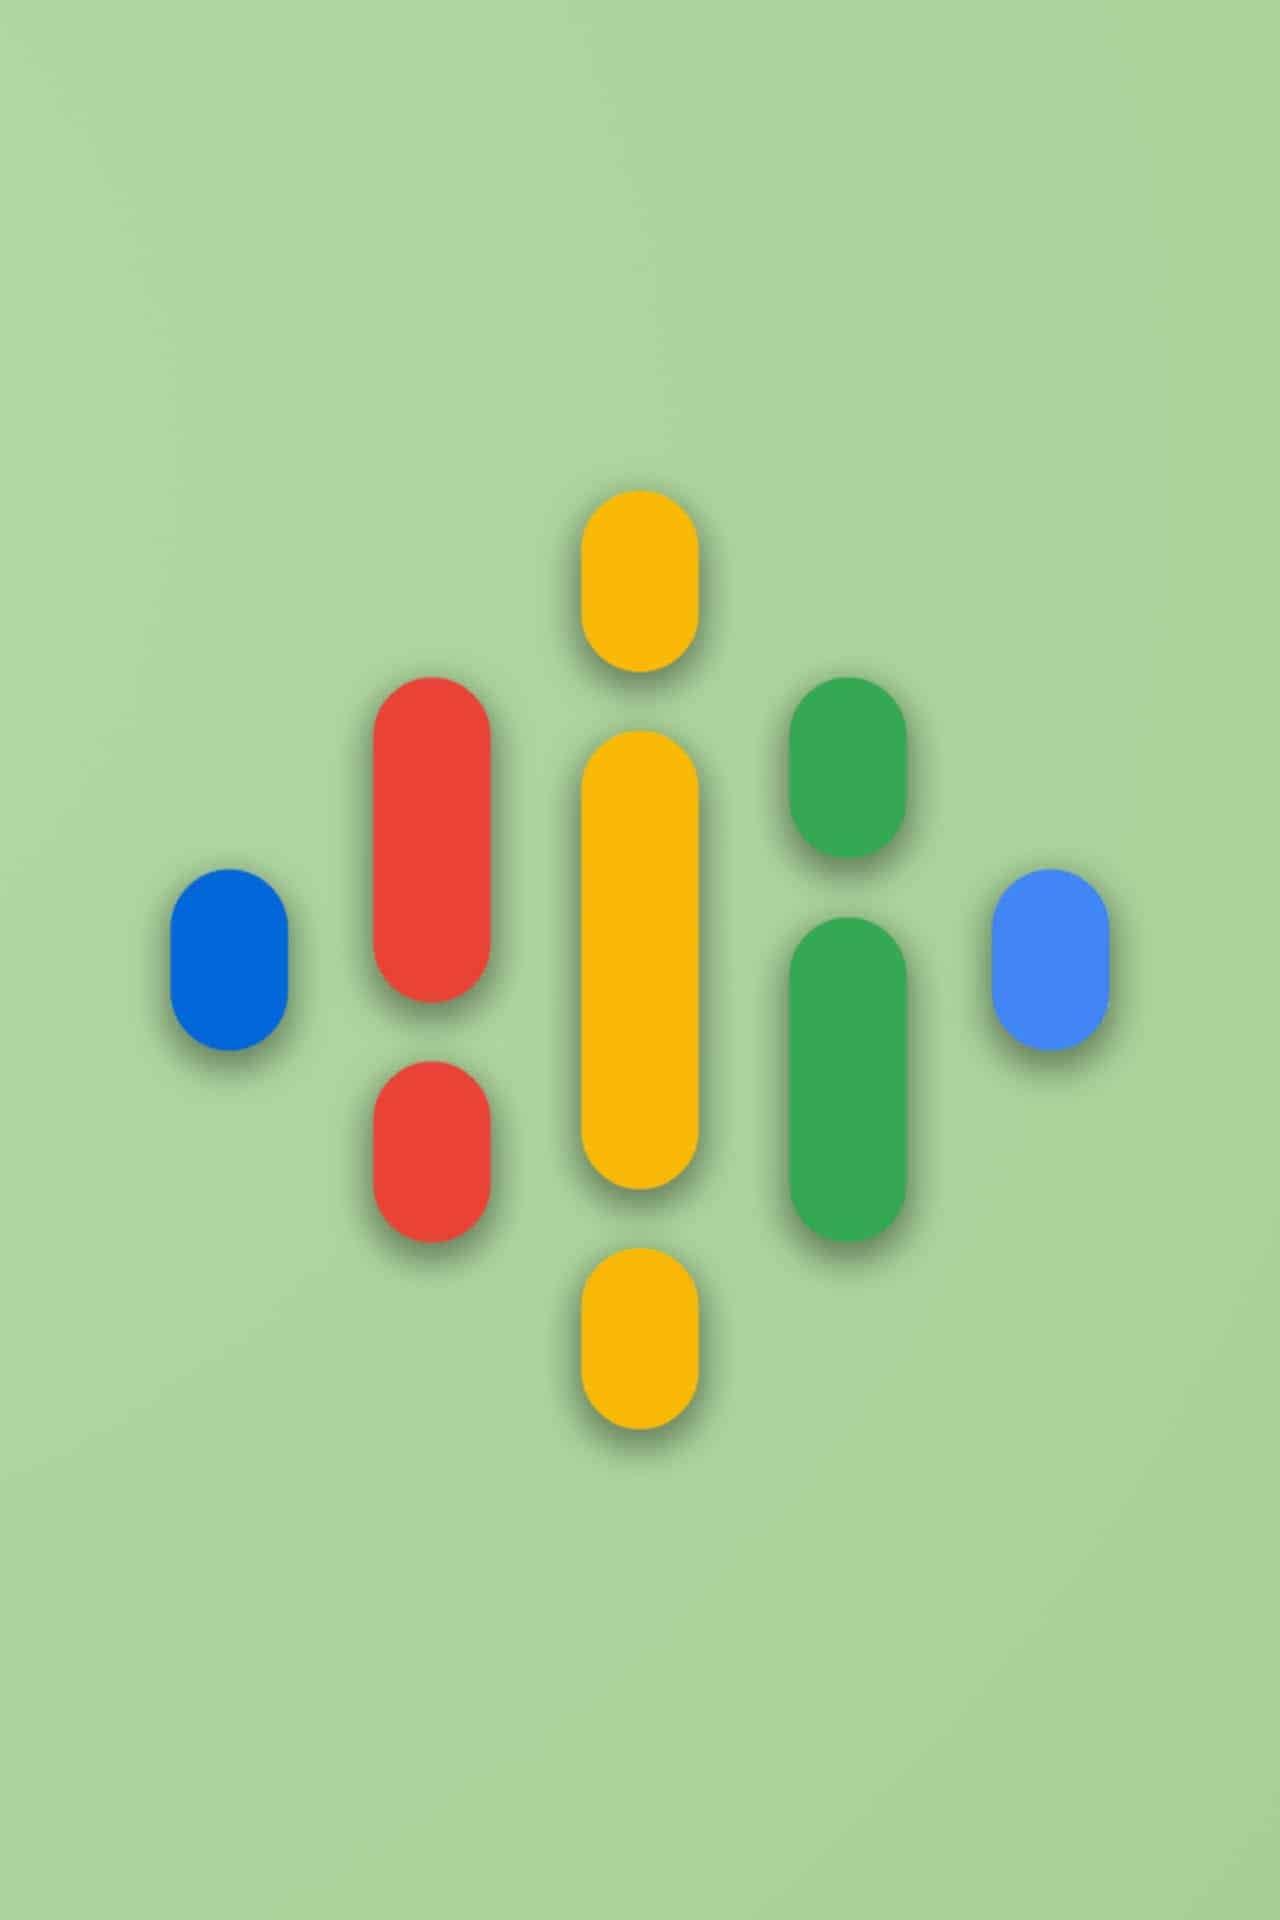 Google Podcast riproducibili nella ricerca